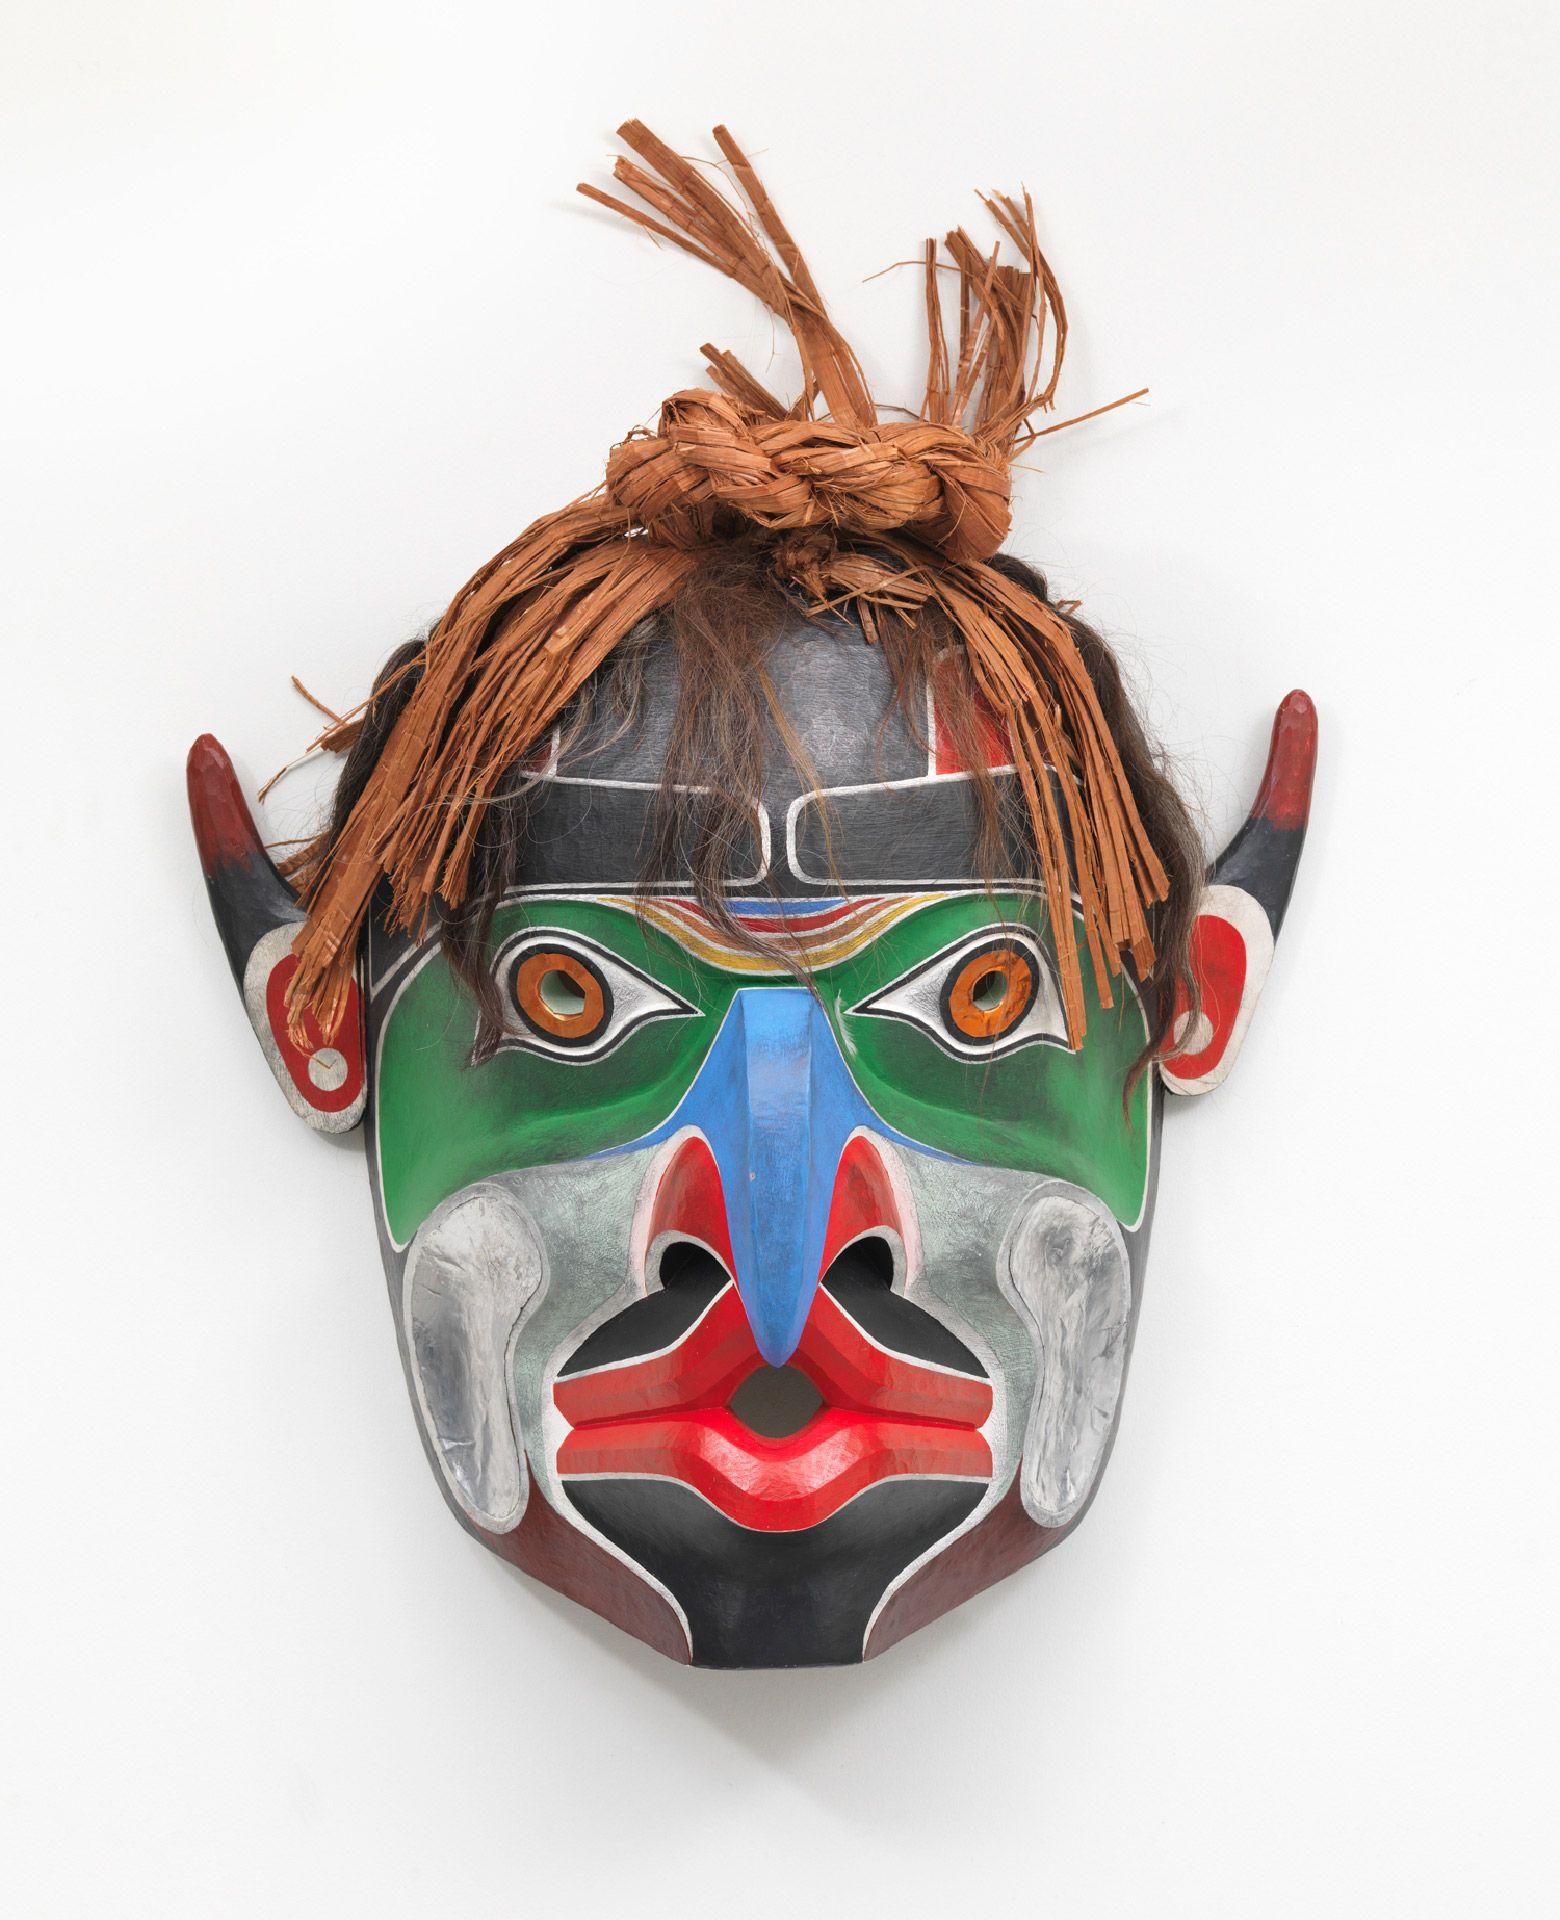 Beau Dick (1955-2017), Bukwus (Kwakwaka'wakw Mask), 2012, cedar, cedar bark, paint, aluminium, copper, horse hair. Photo Joseph Hartman.